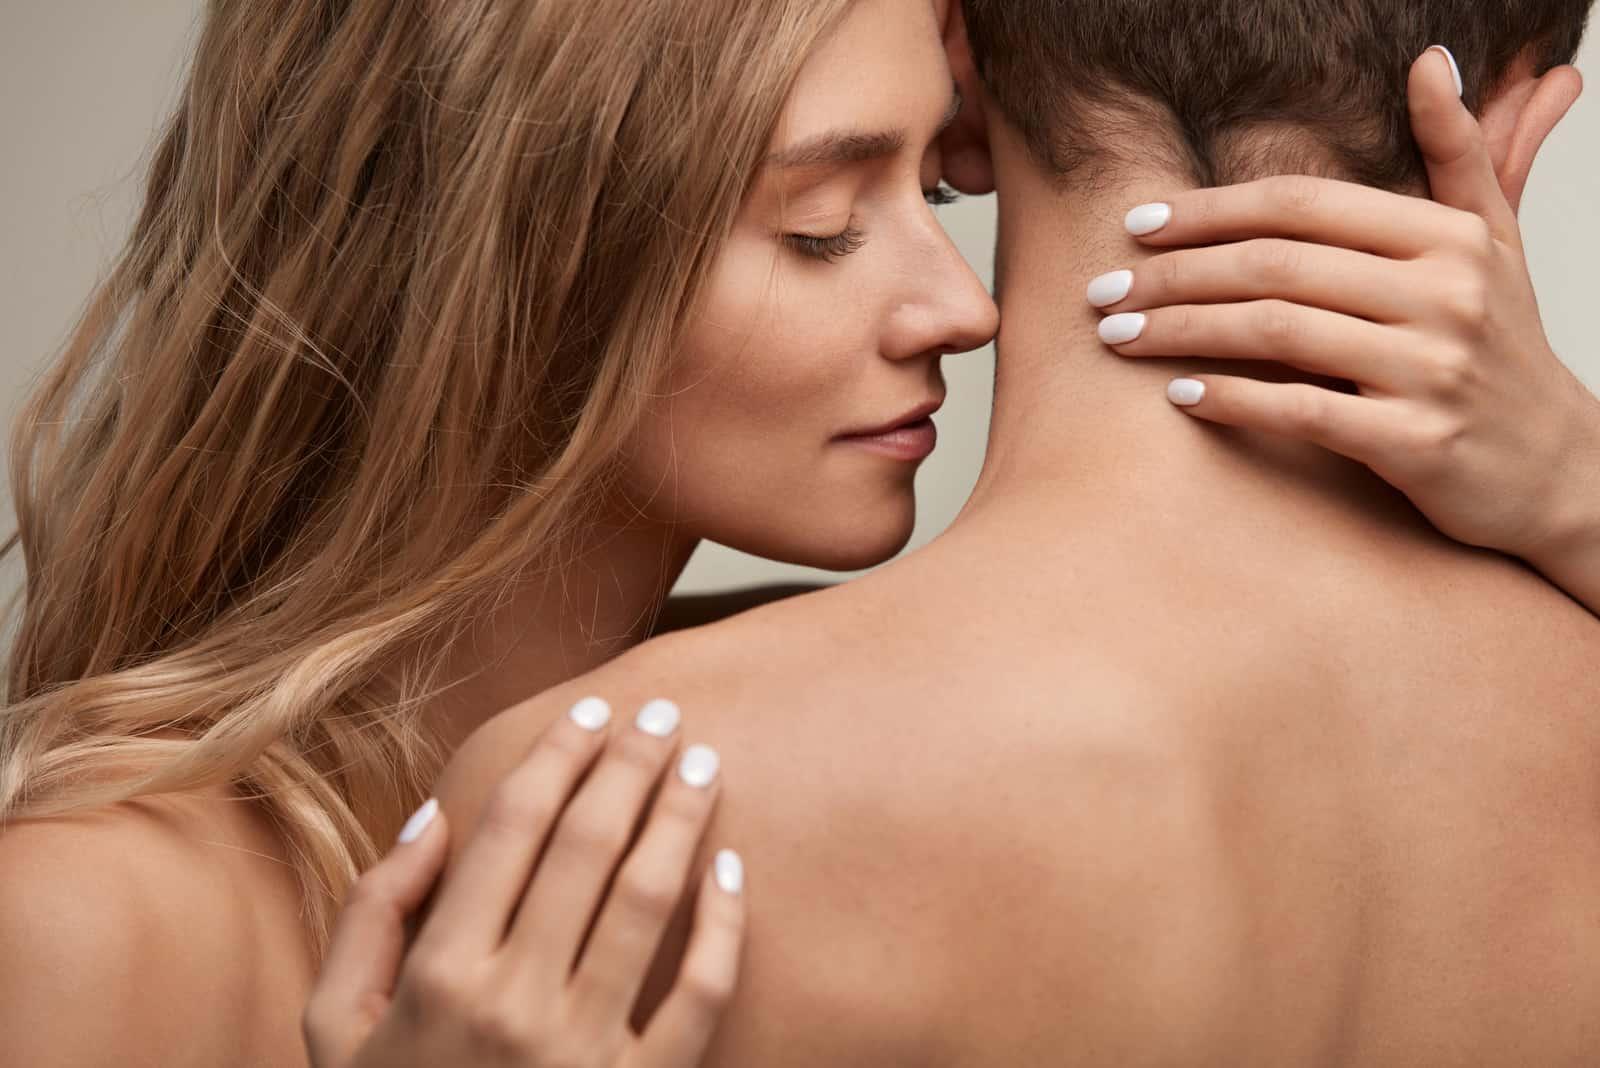 la femme a serré l'homme dans ses bras alors qu'ils étaient nus